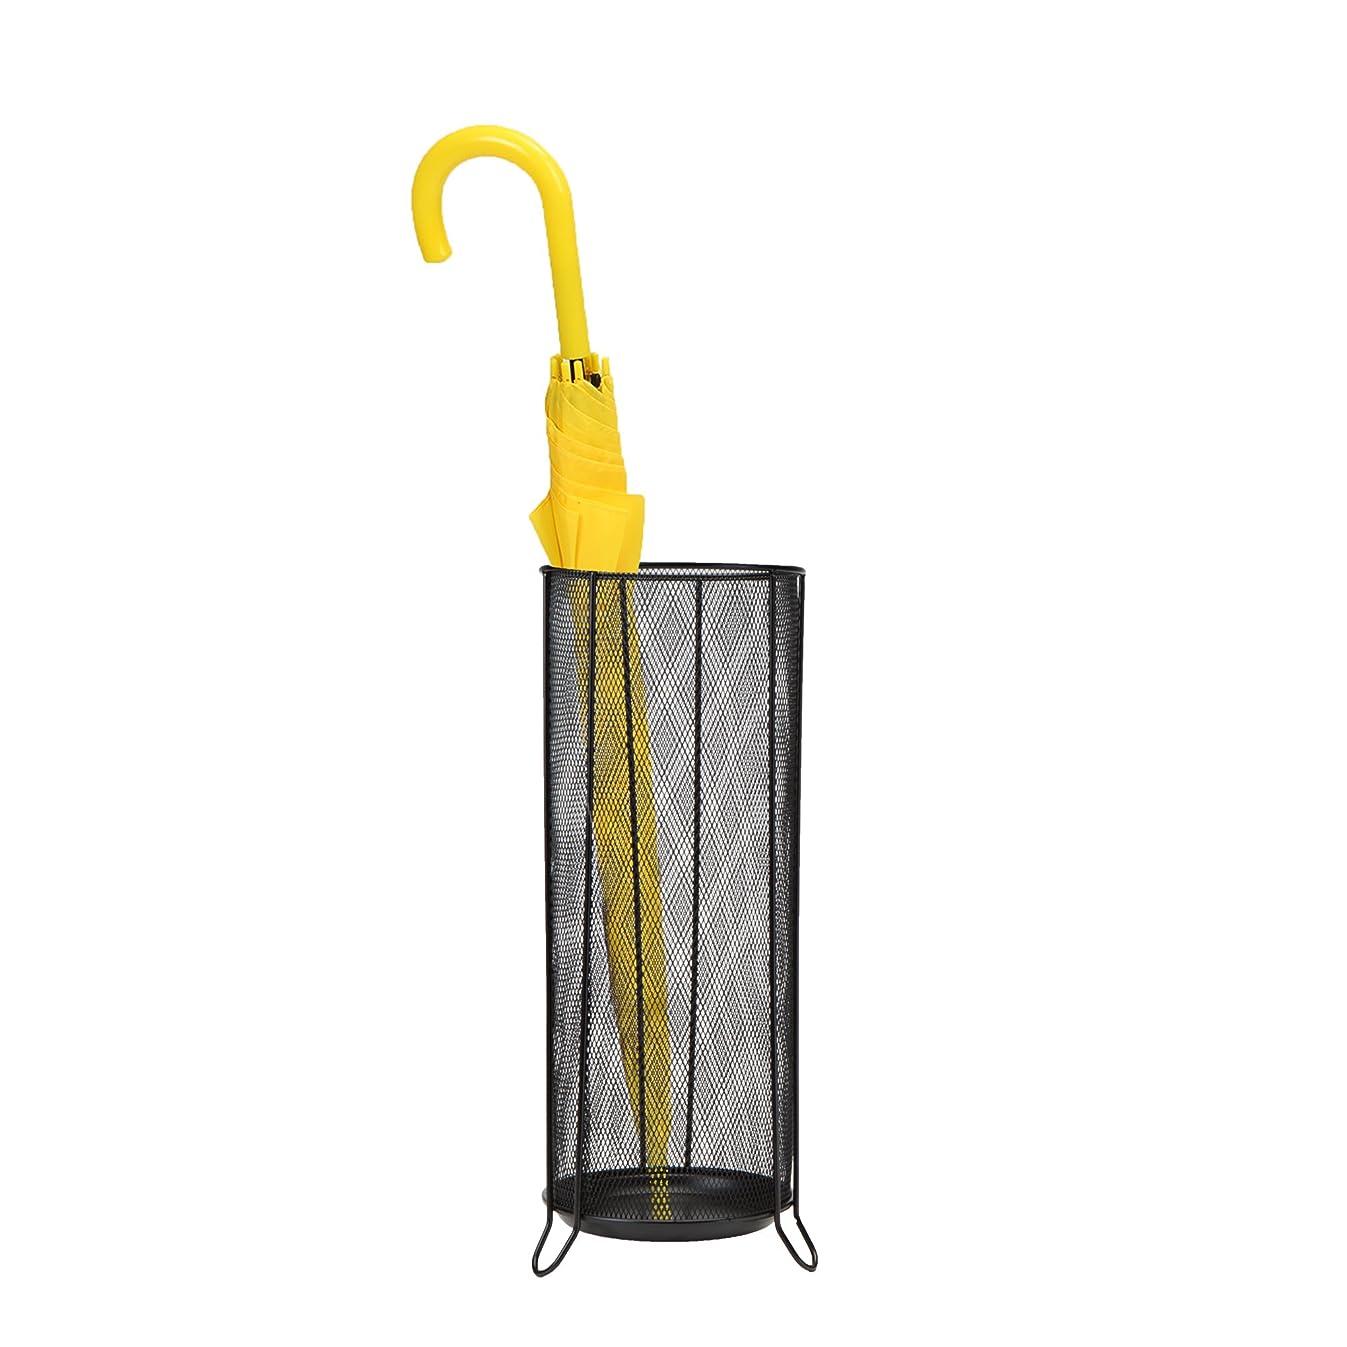 Mind Reader Umbrella Stand Rack Holder for Canes, Walking Sticks, Home and Office, Black